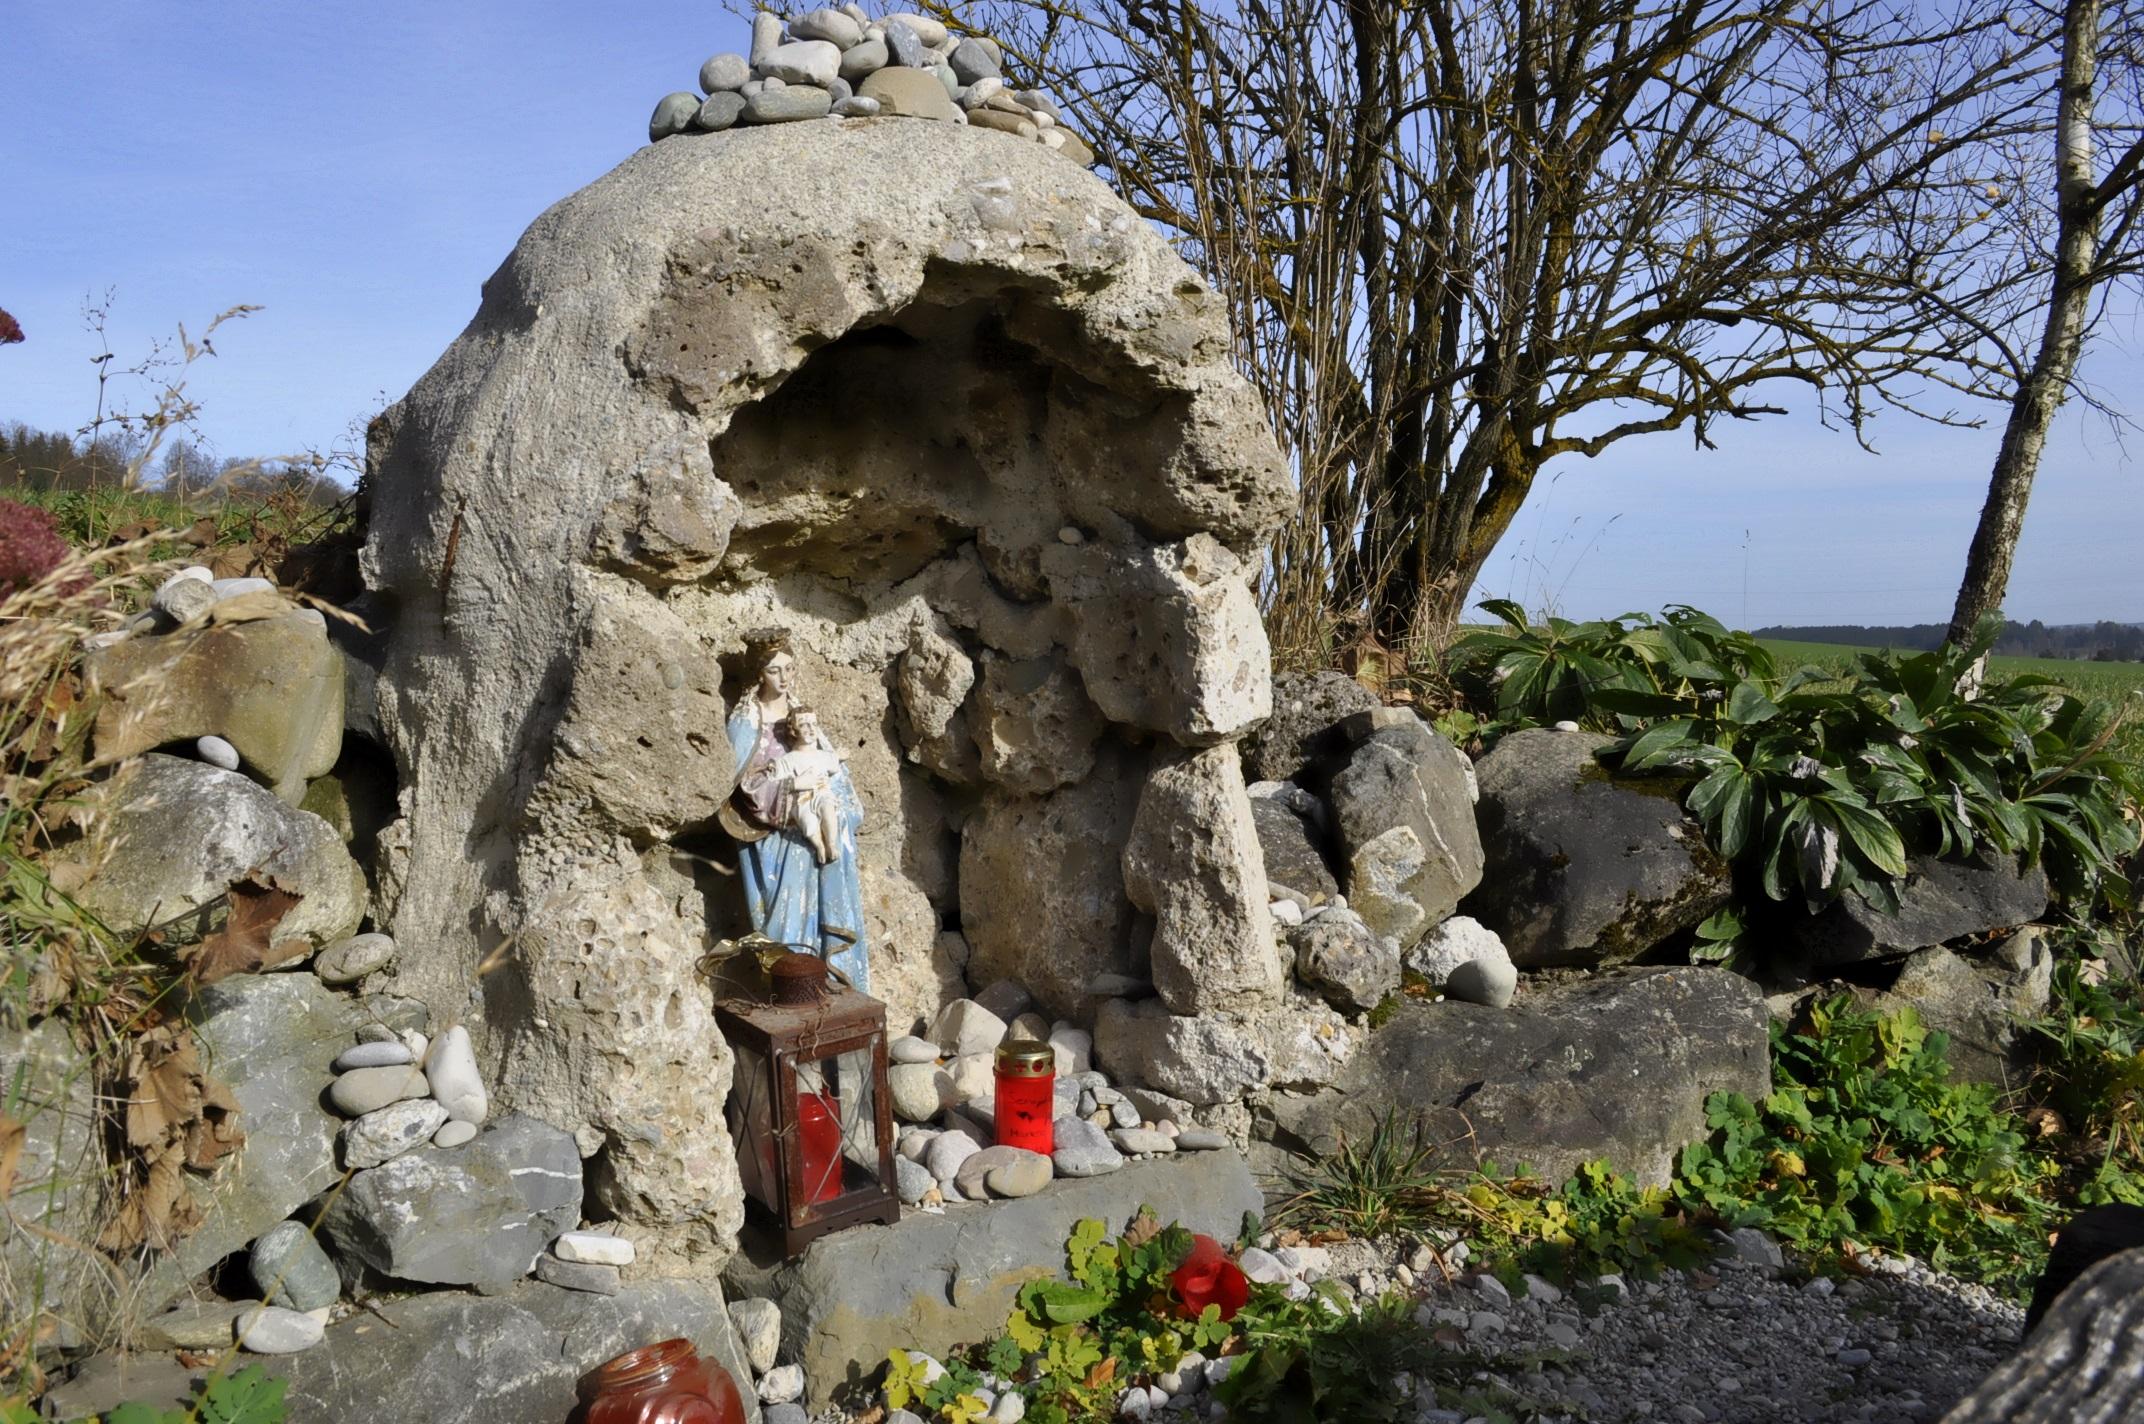 道端のマリア像。上部には道ゆく人たちが置いたのであろう小石が積み重なっています。